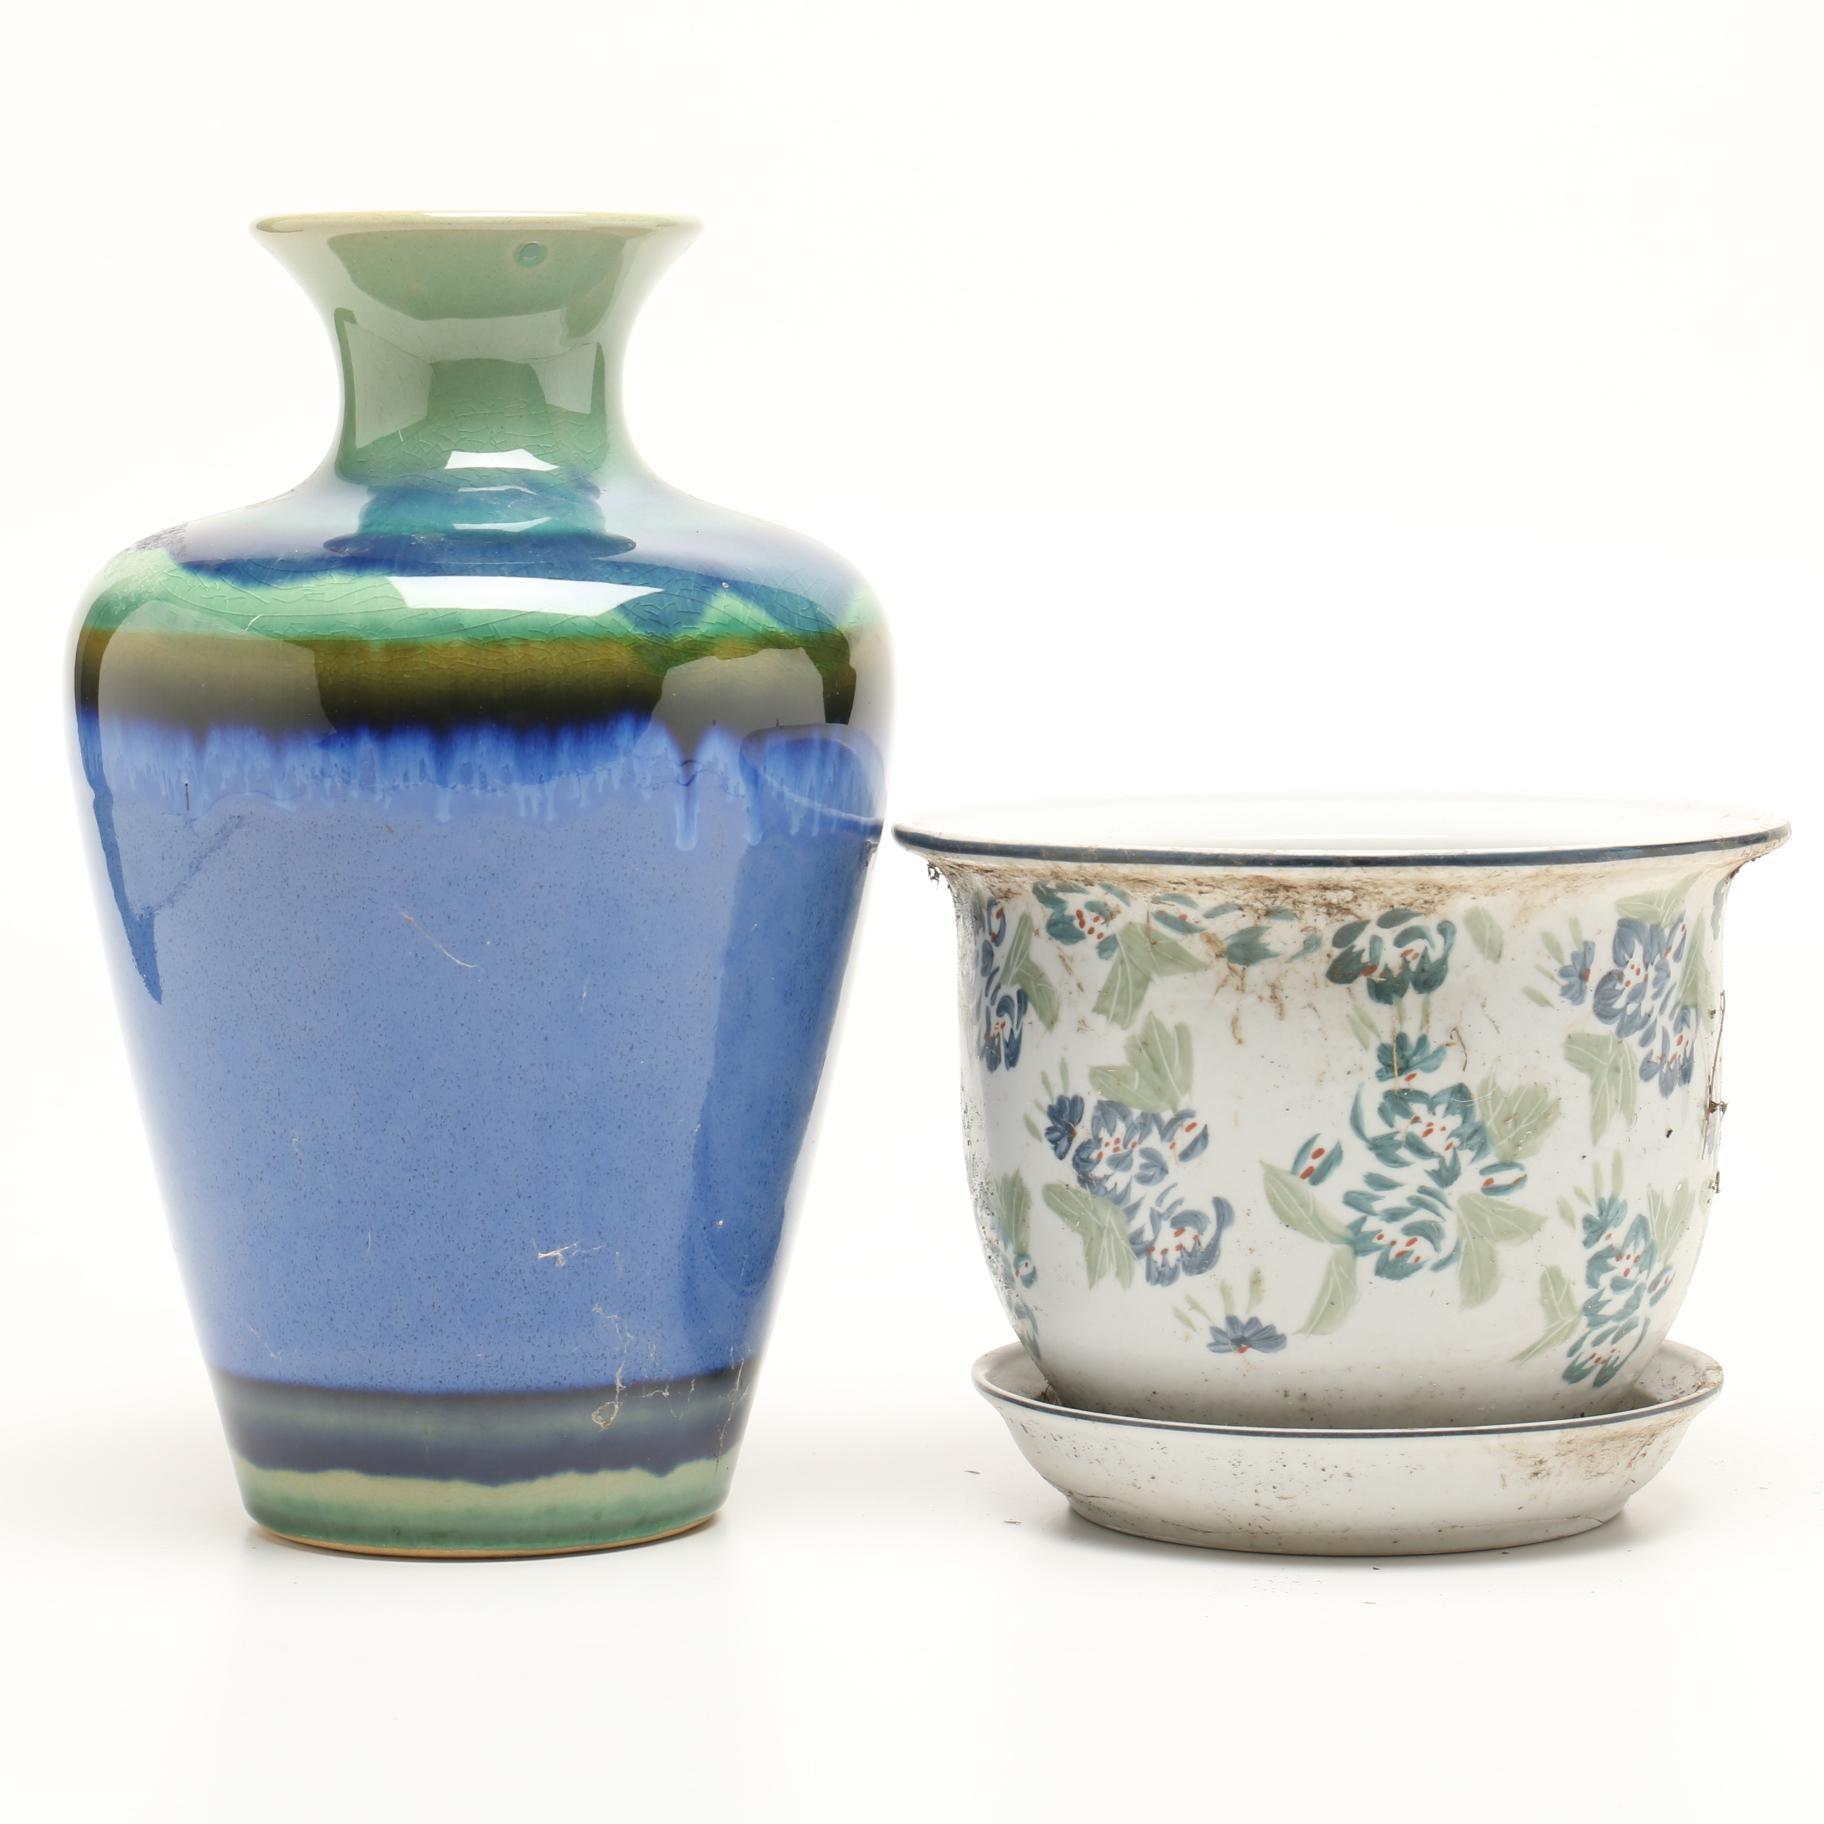 Ceramic Vase and Planter